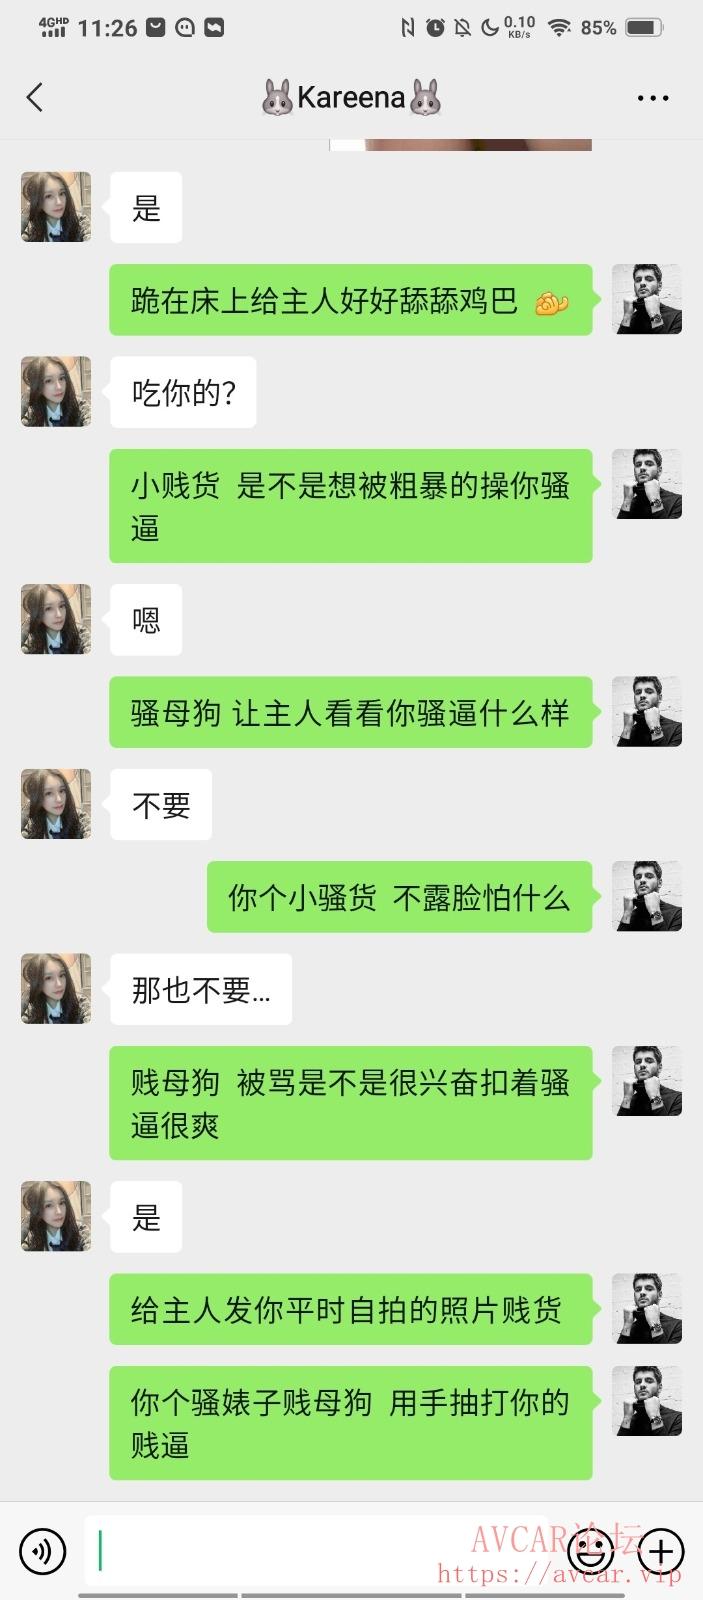 Screenshot_2021_0417_112628.jpg